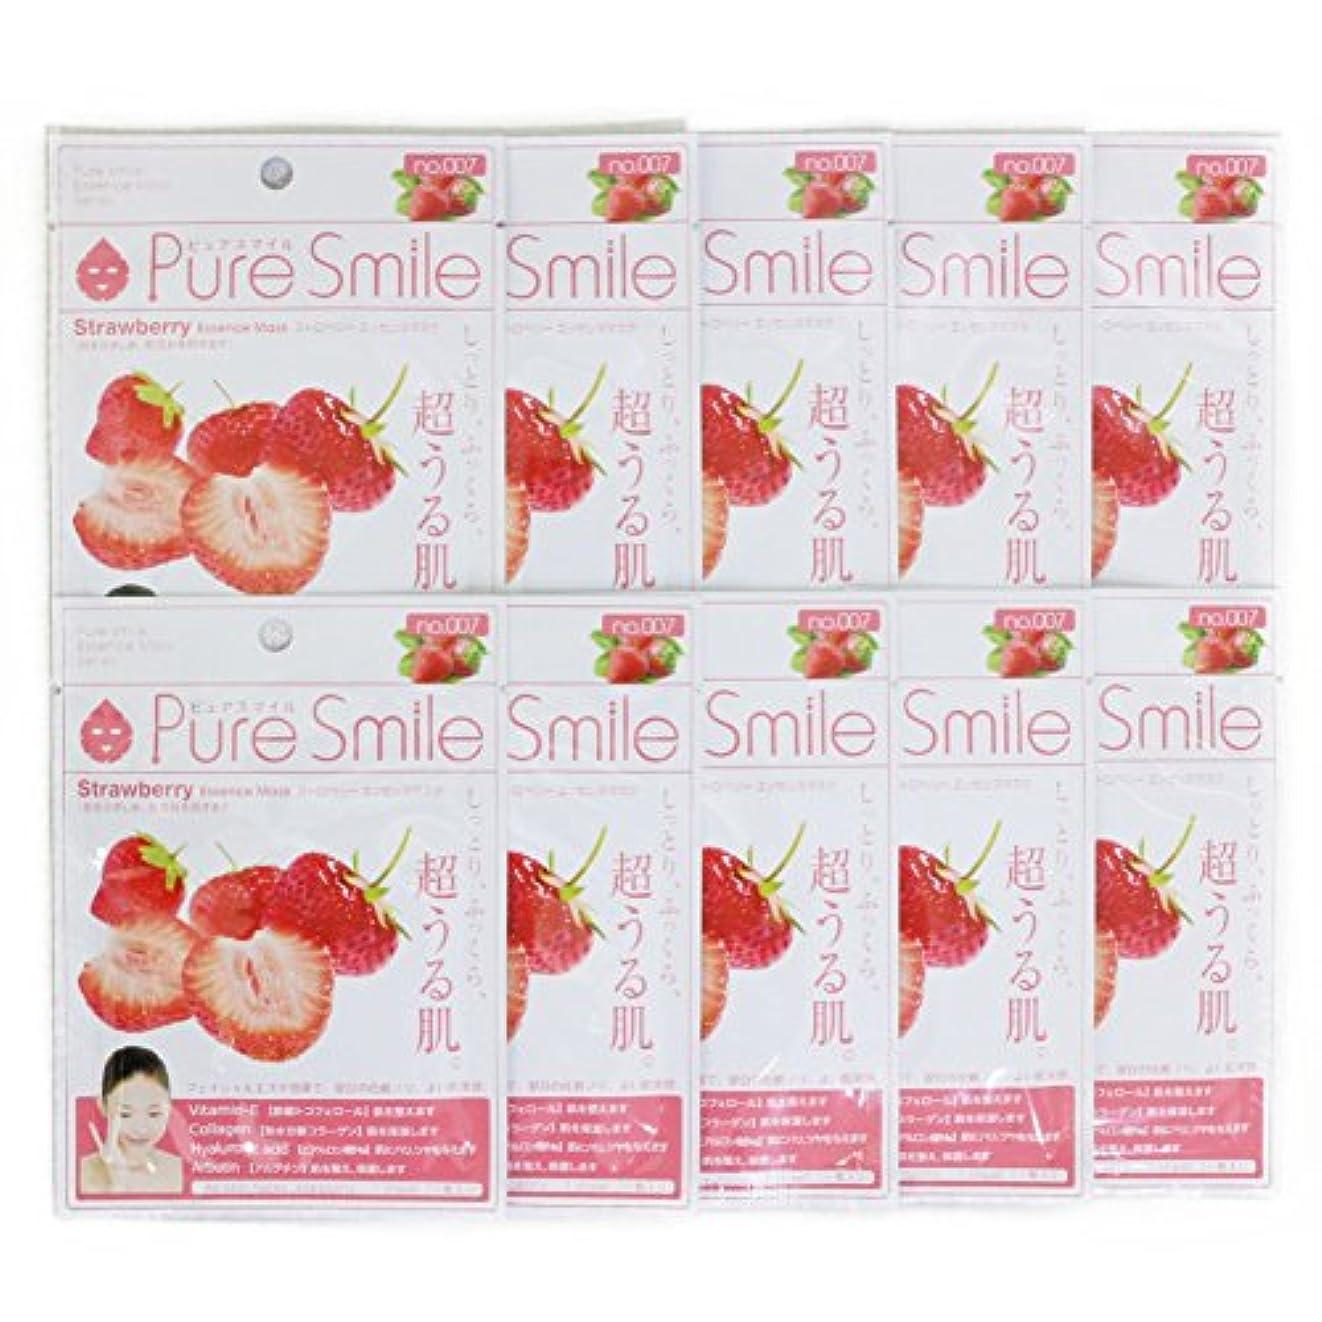 クリエイティブウィザード通訳Pure Smile ピュアスマイル エッセンスマスク ストロベリー 10枚セット